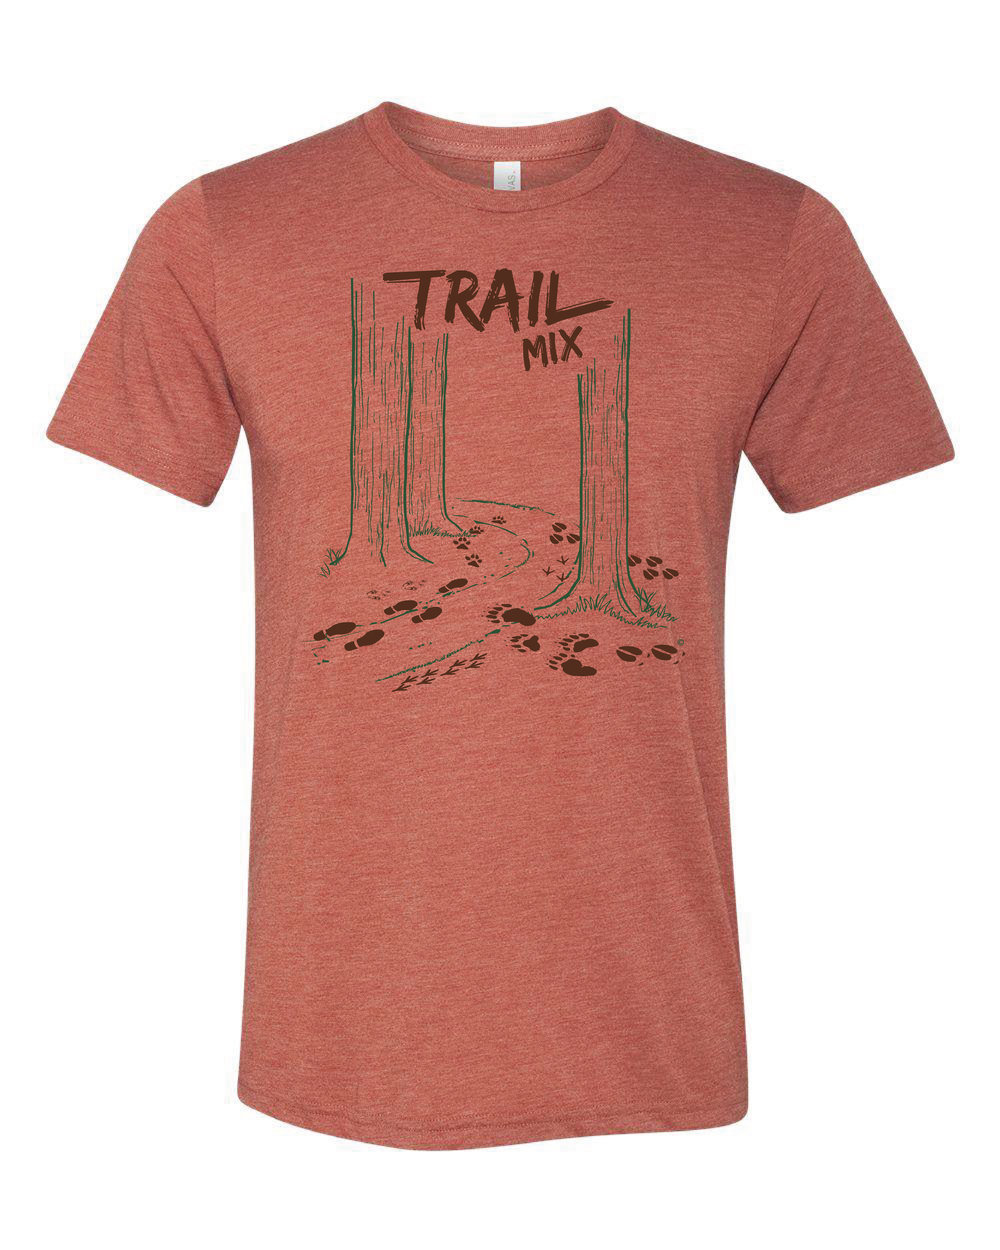 WCBB Trail Mix - Front.jpg